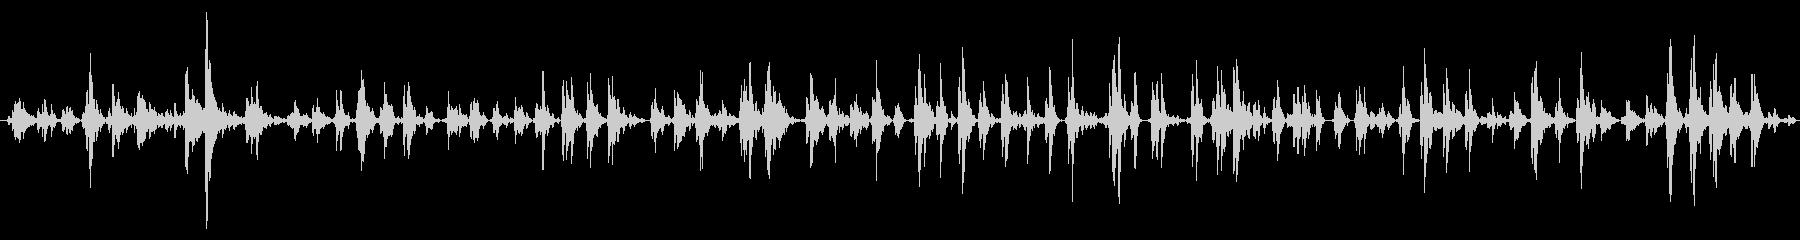 大きくて重いスリーベル:長いスロー...の未再生の波形